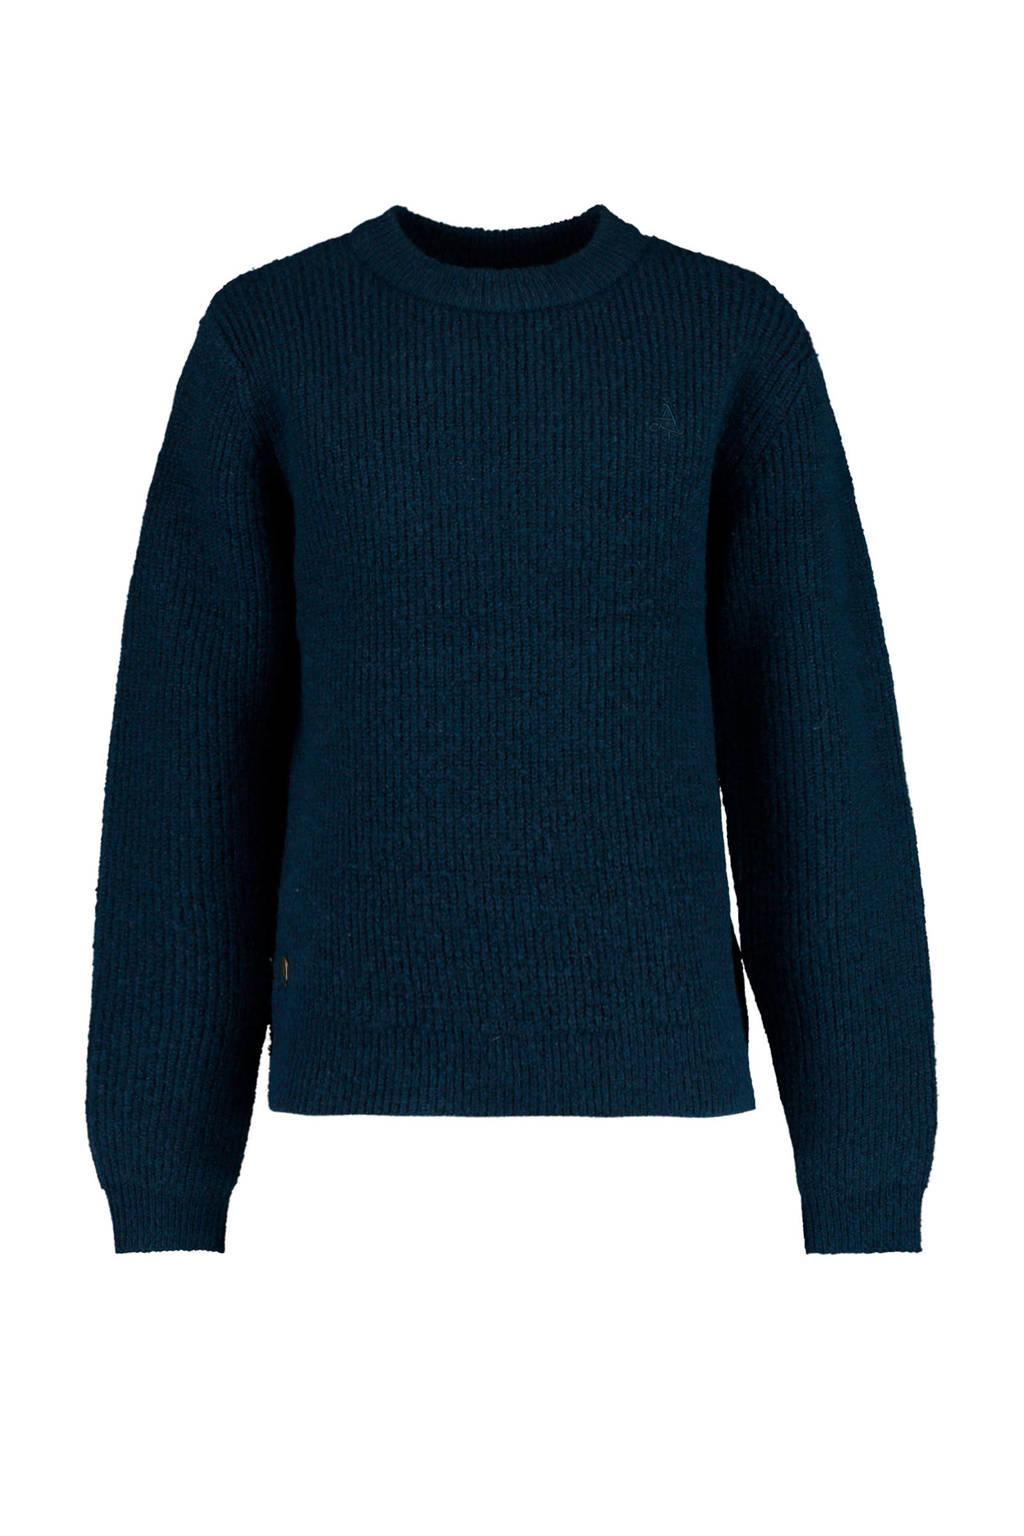 America Today Junior trui Kristie donkerblauw, Donkerblauw